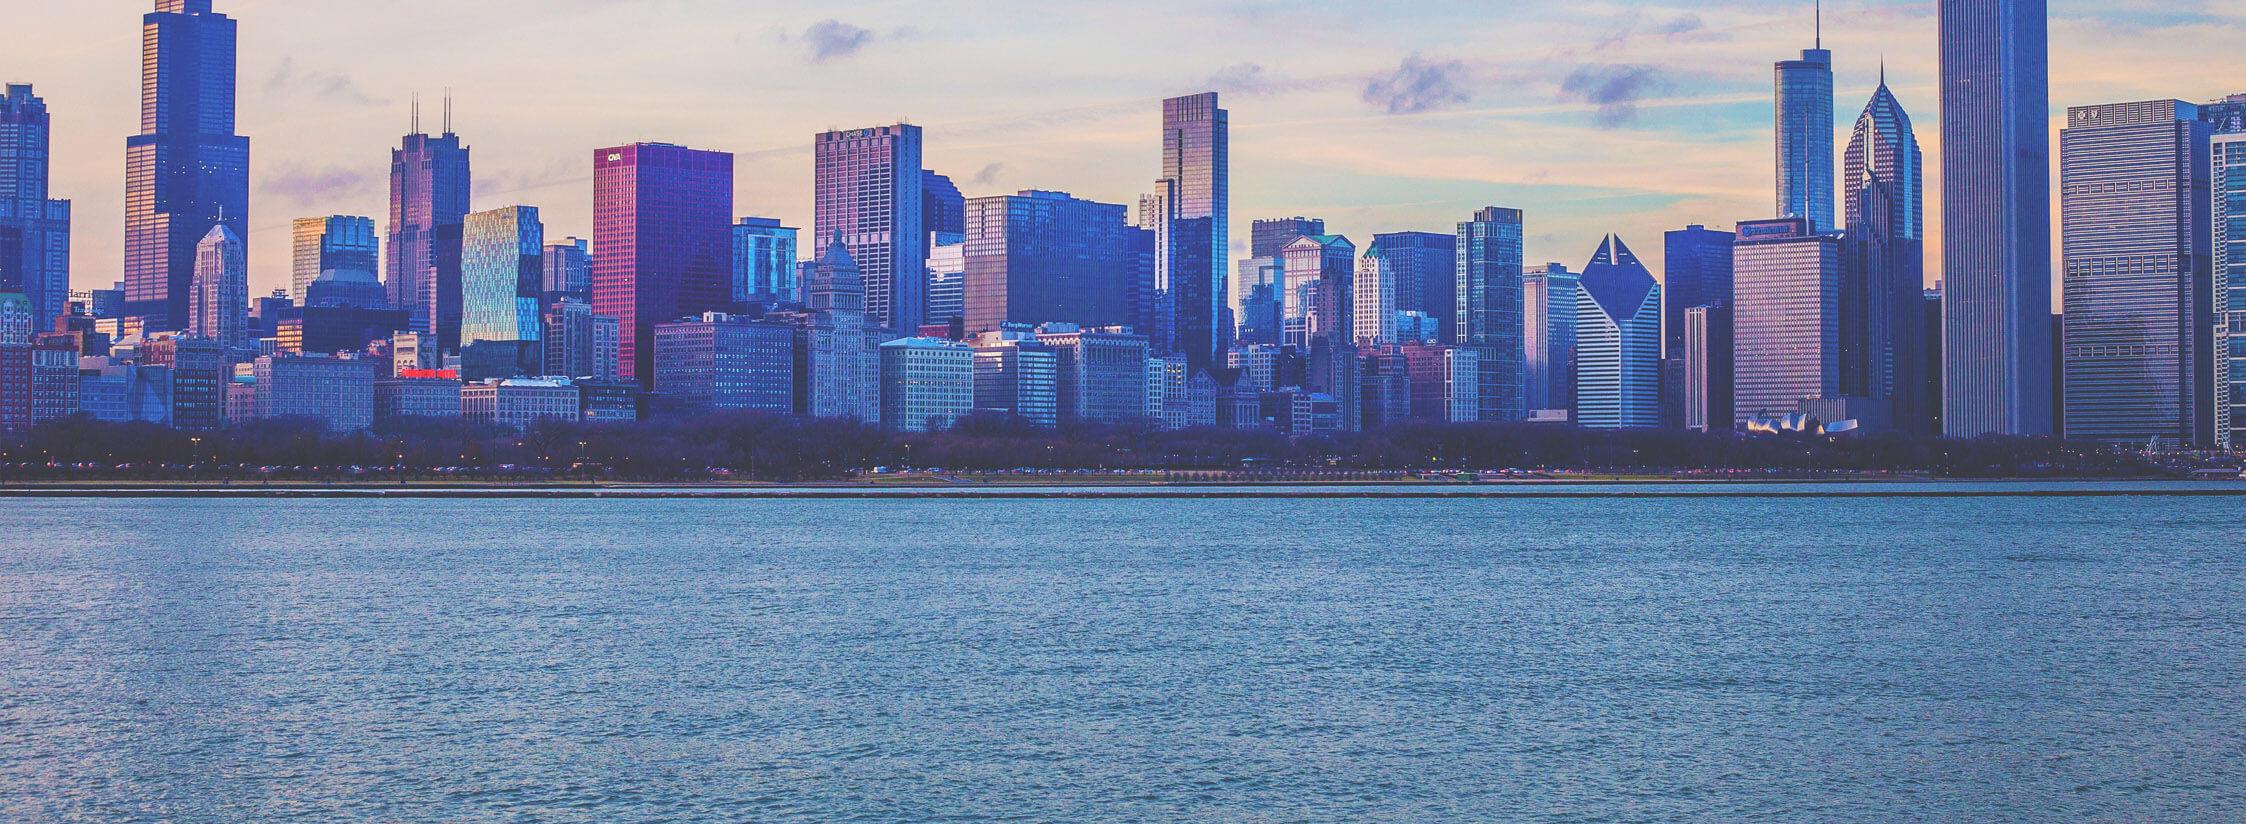 azure vdi building city.jpg